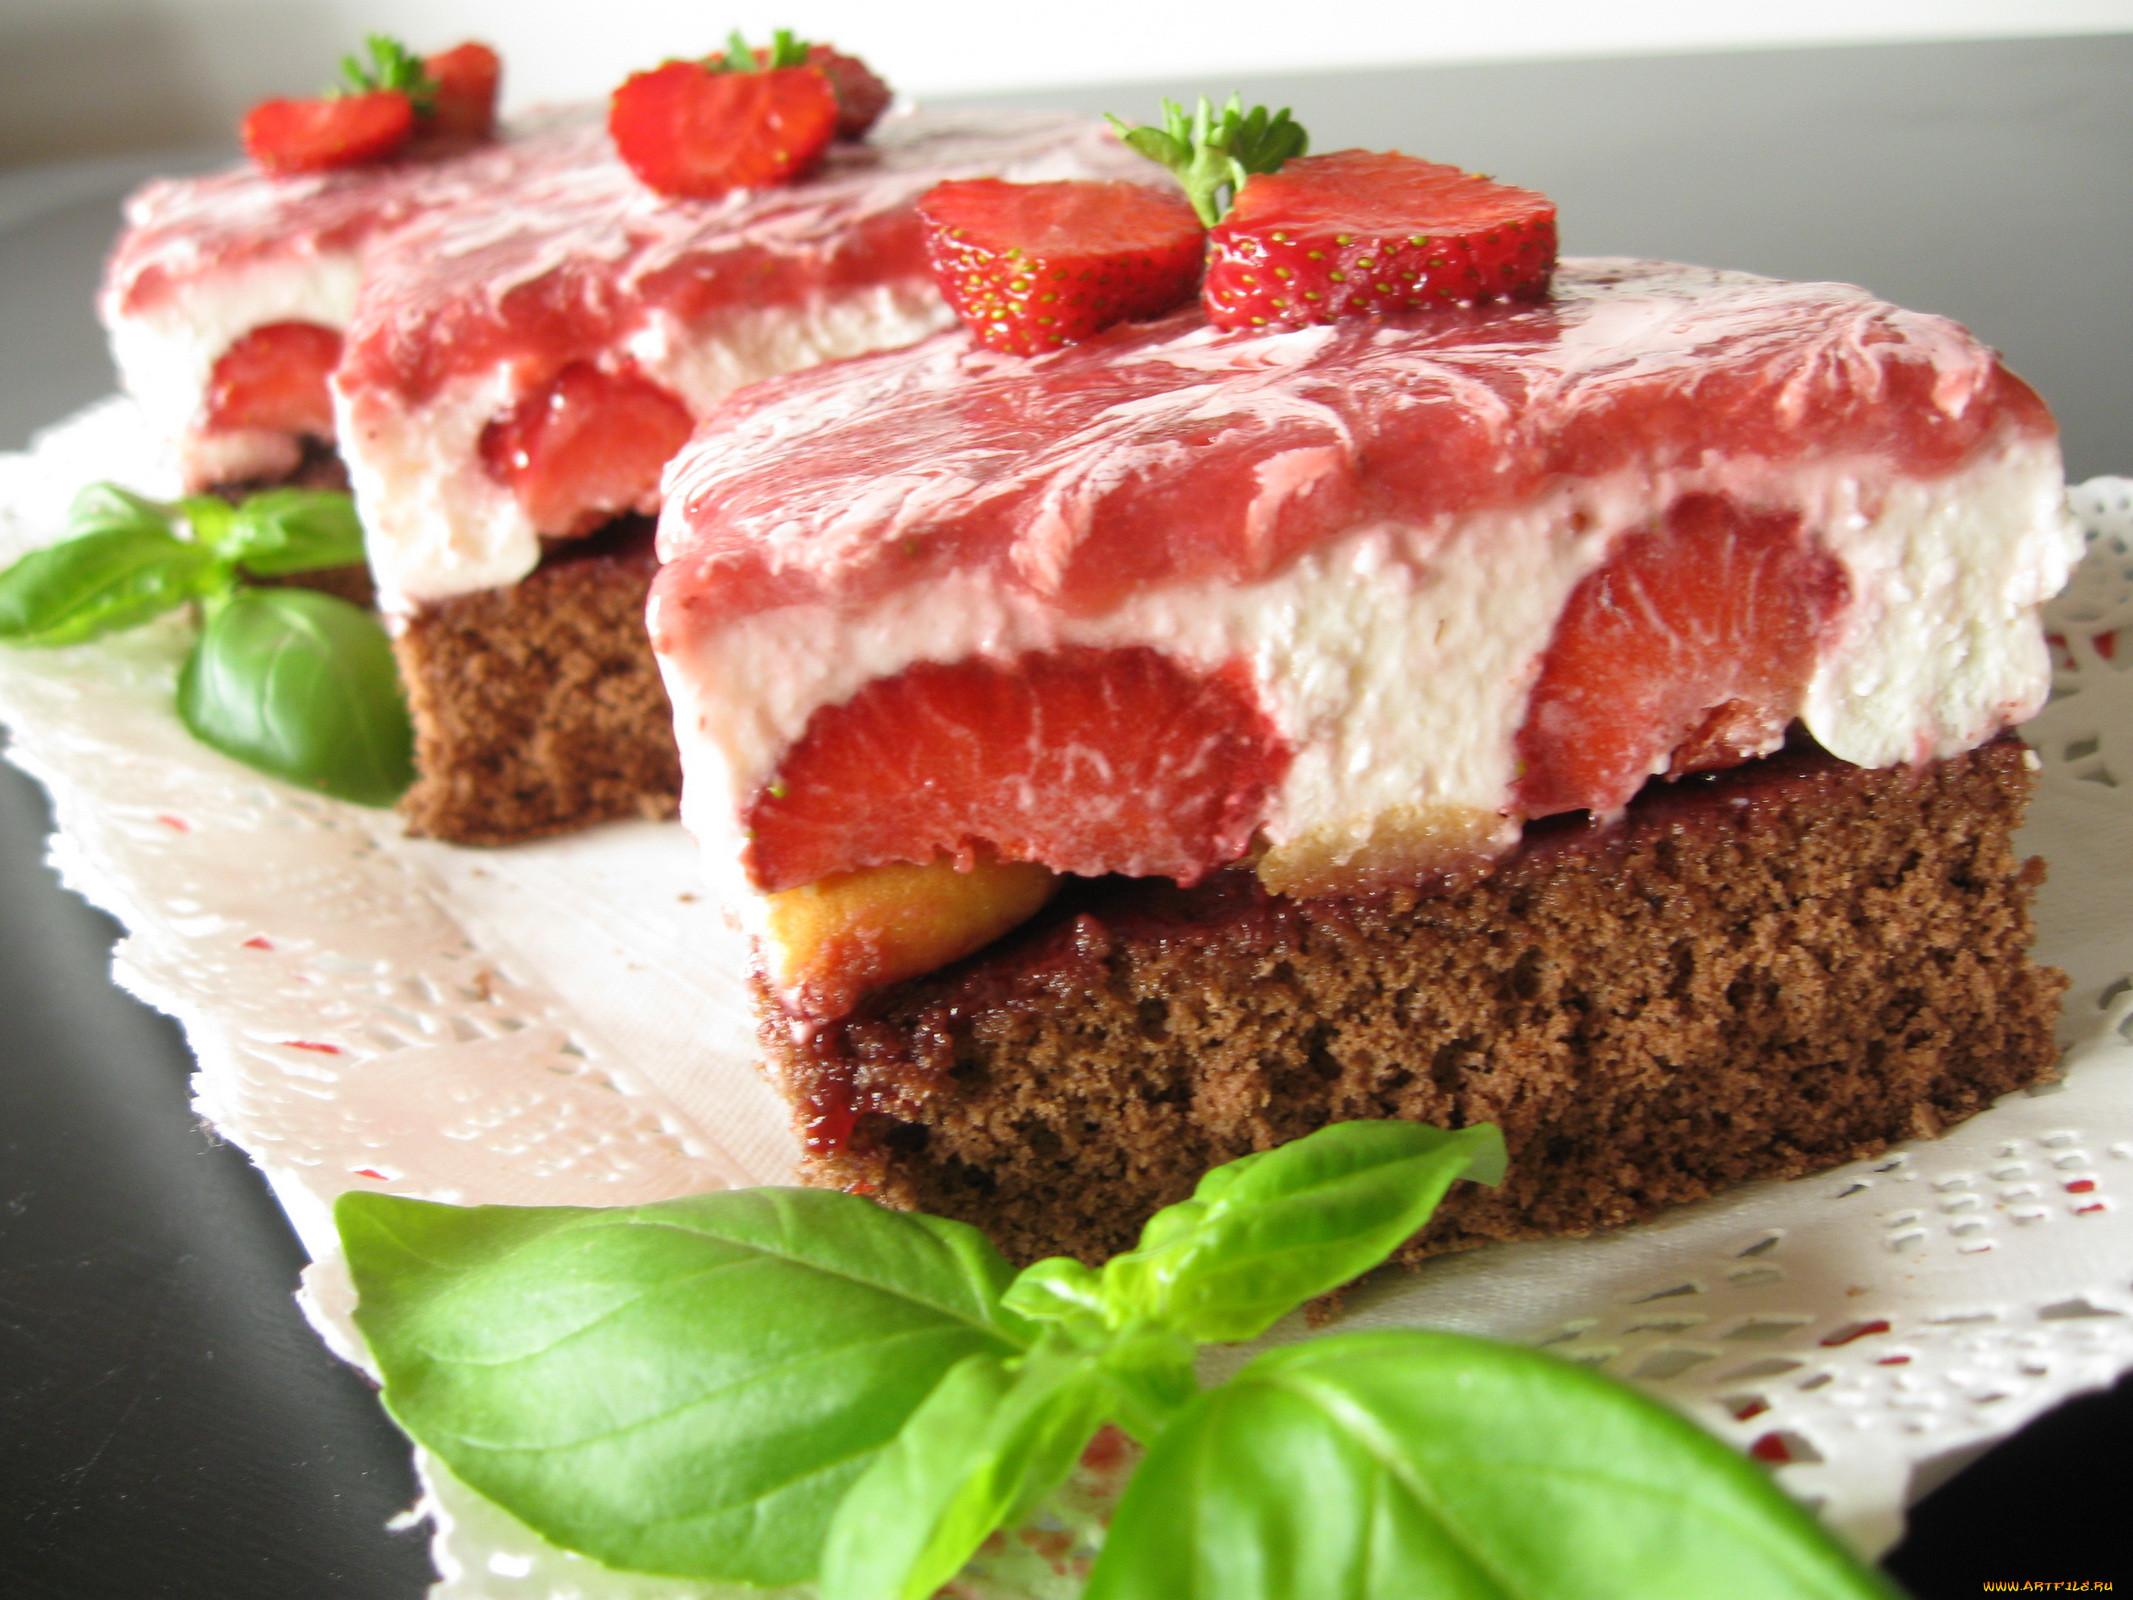 Varvarra еда торты обои для рабочего стола